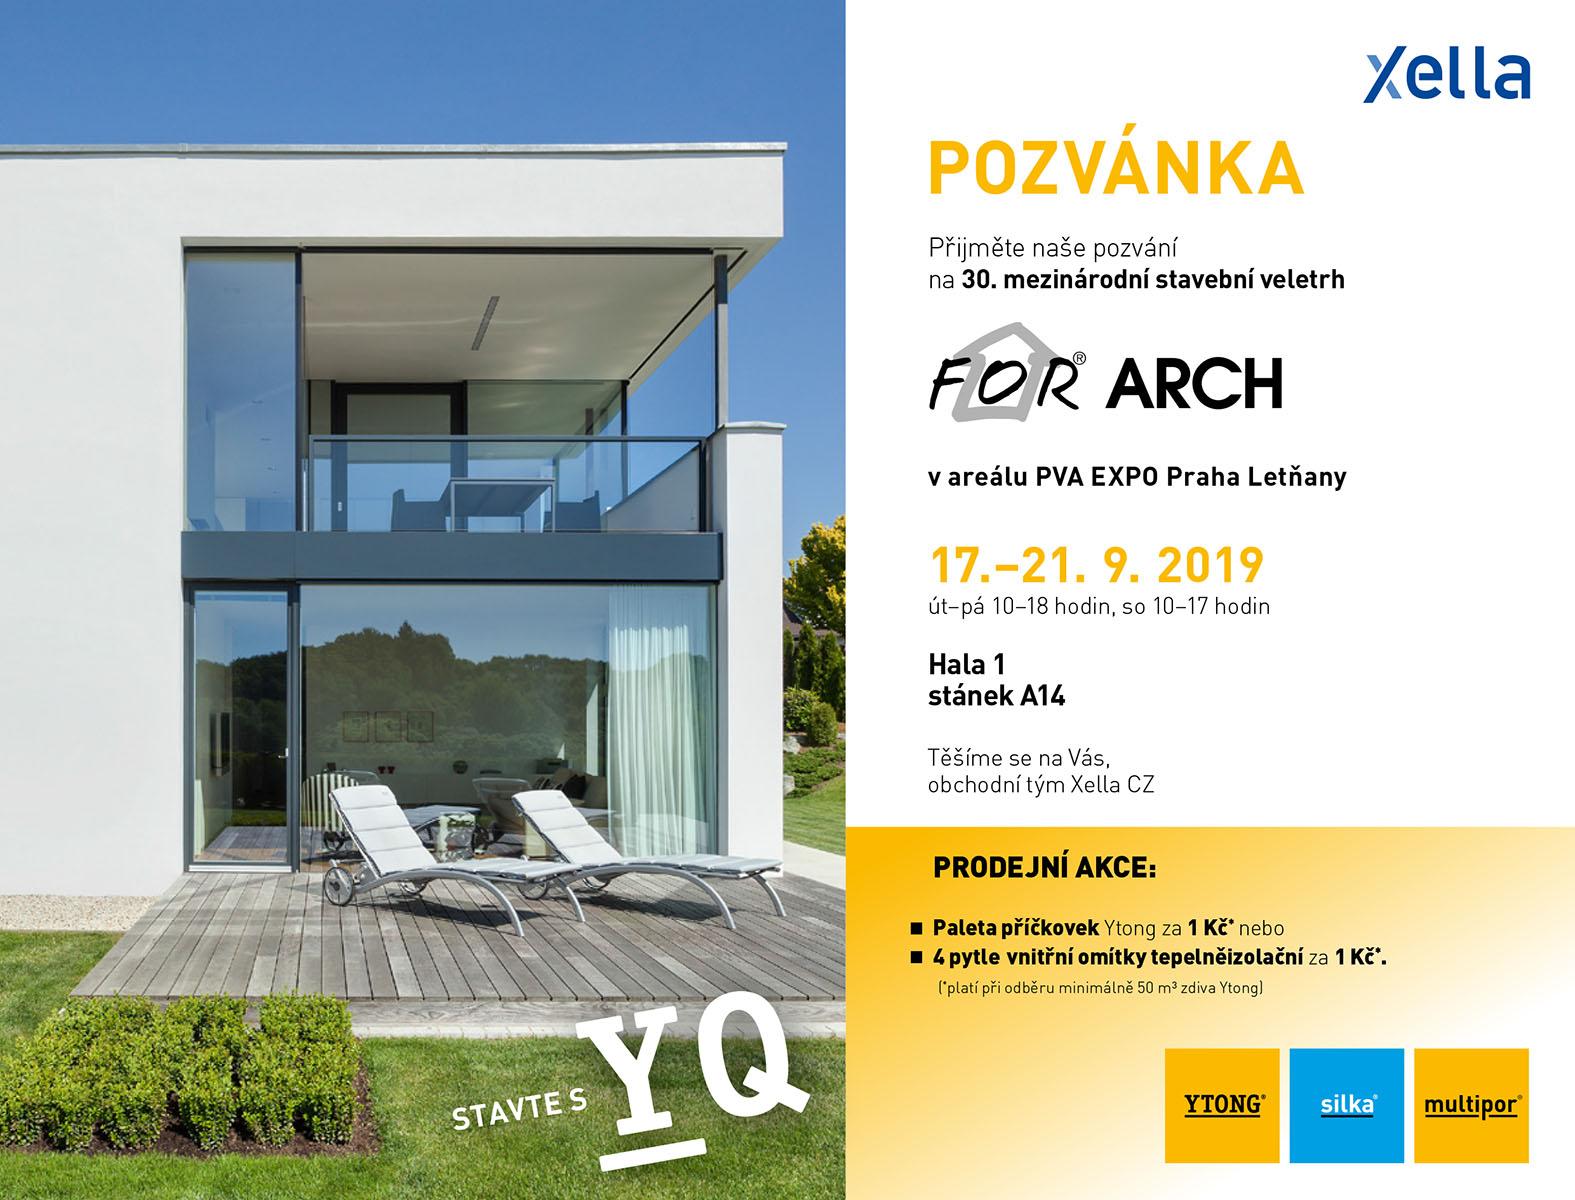 Stavbaweb cz – Ytong zve na For Arch 2019